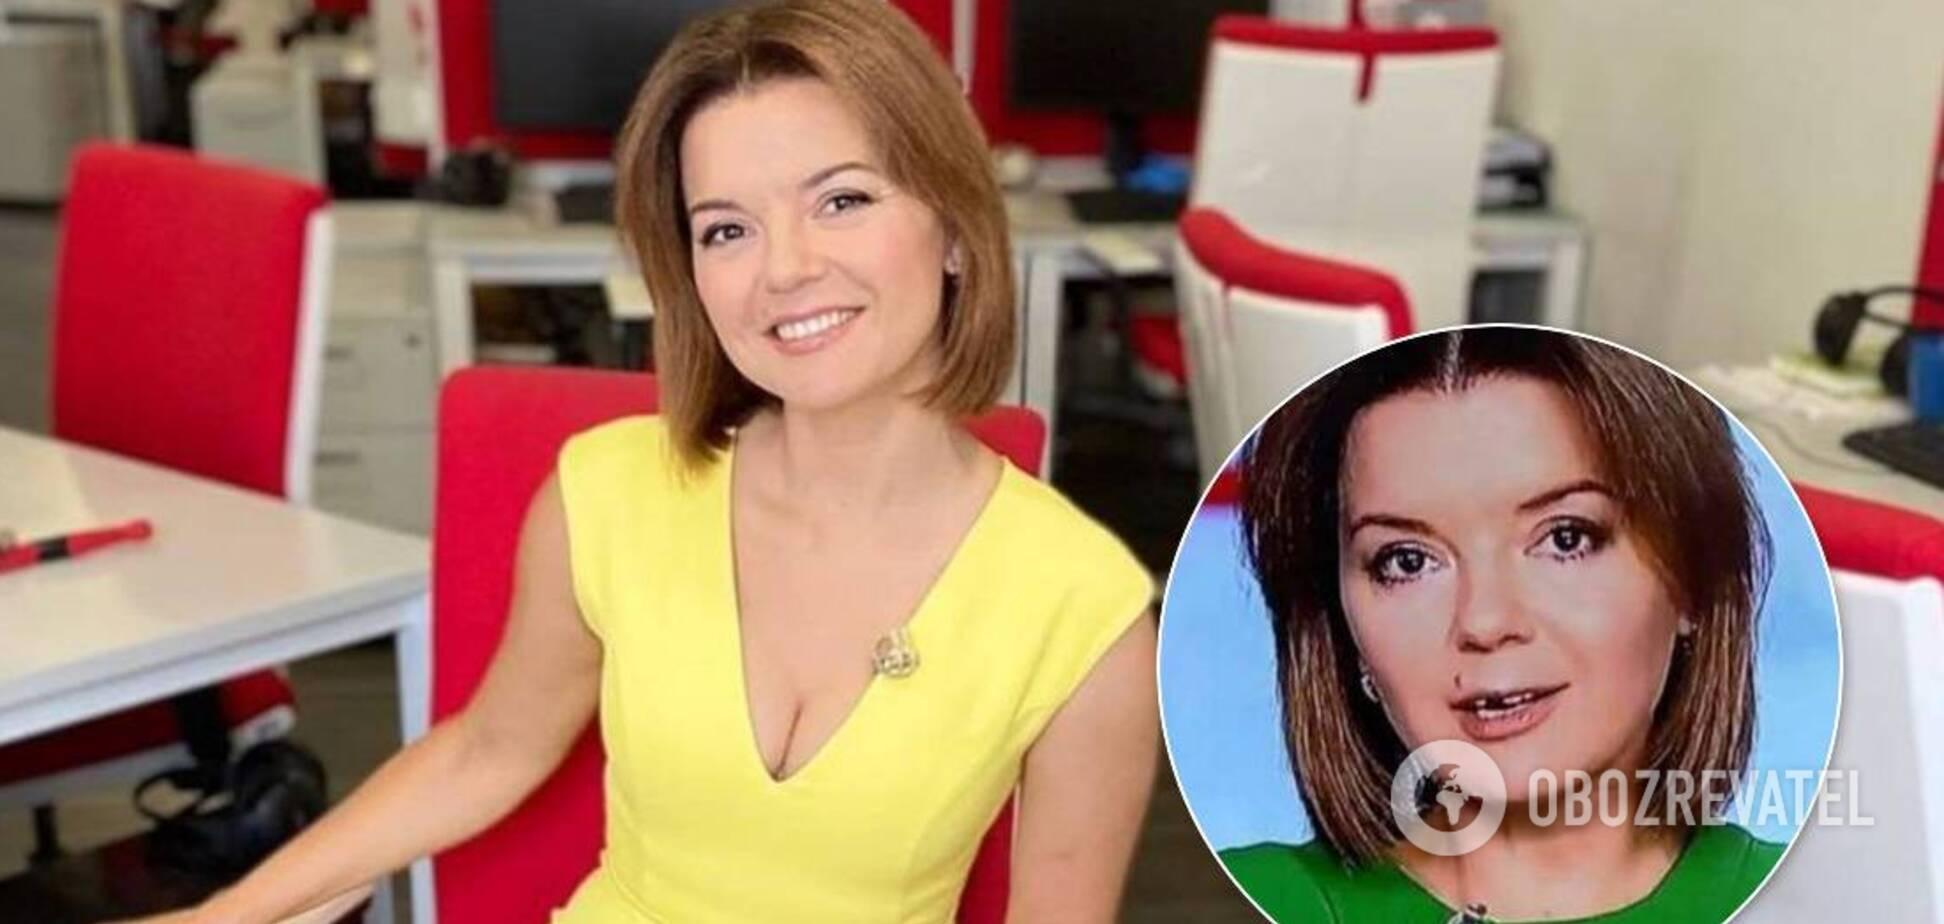 Маричка Падалко возобновила улыбку после курьеза